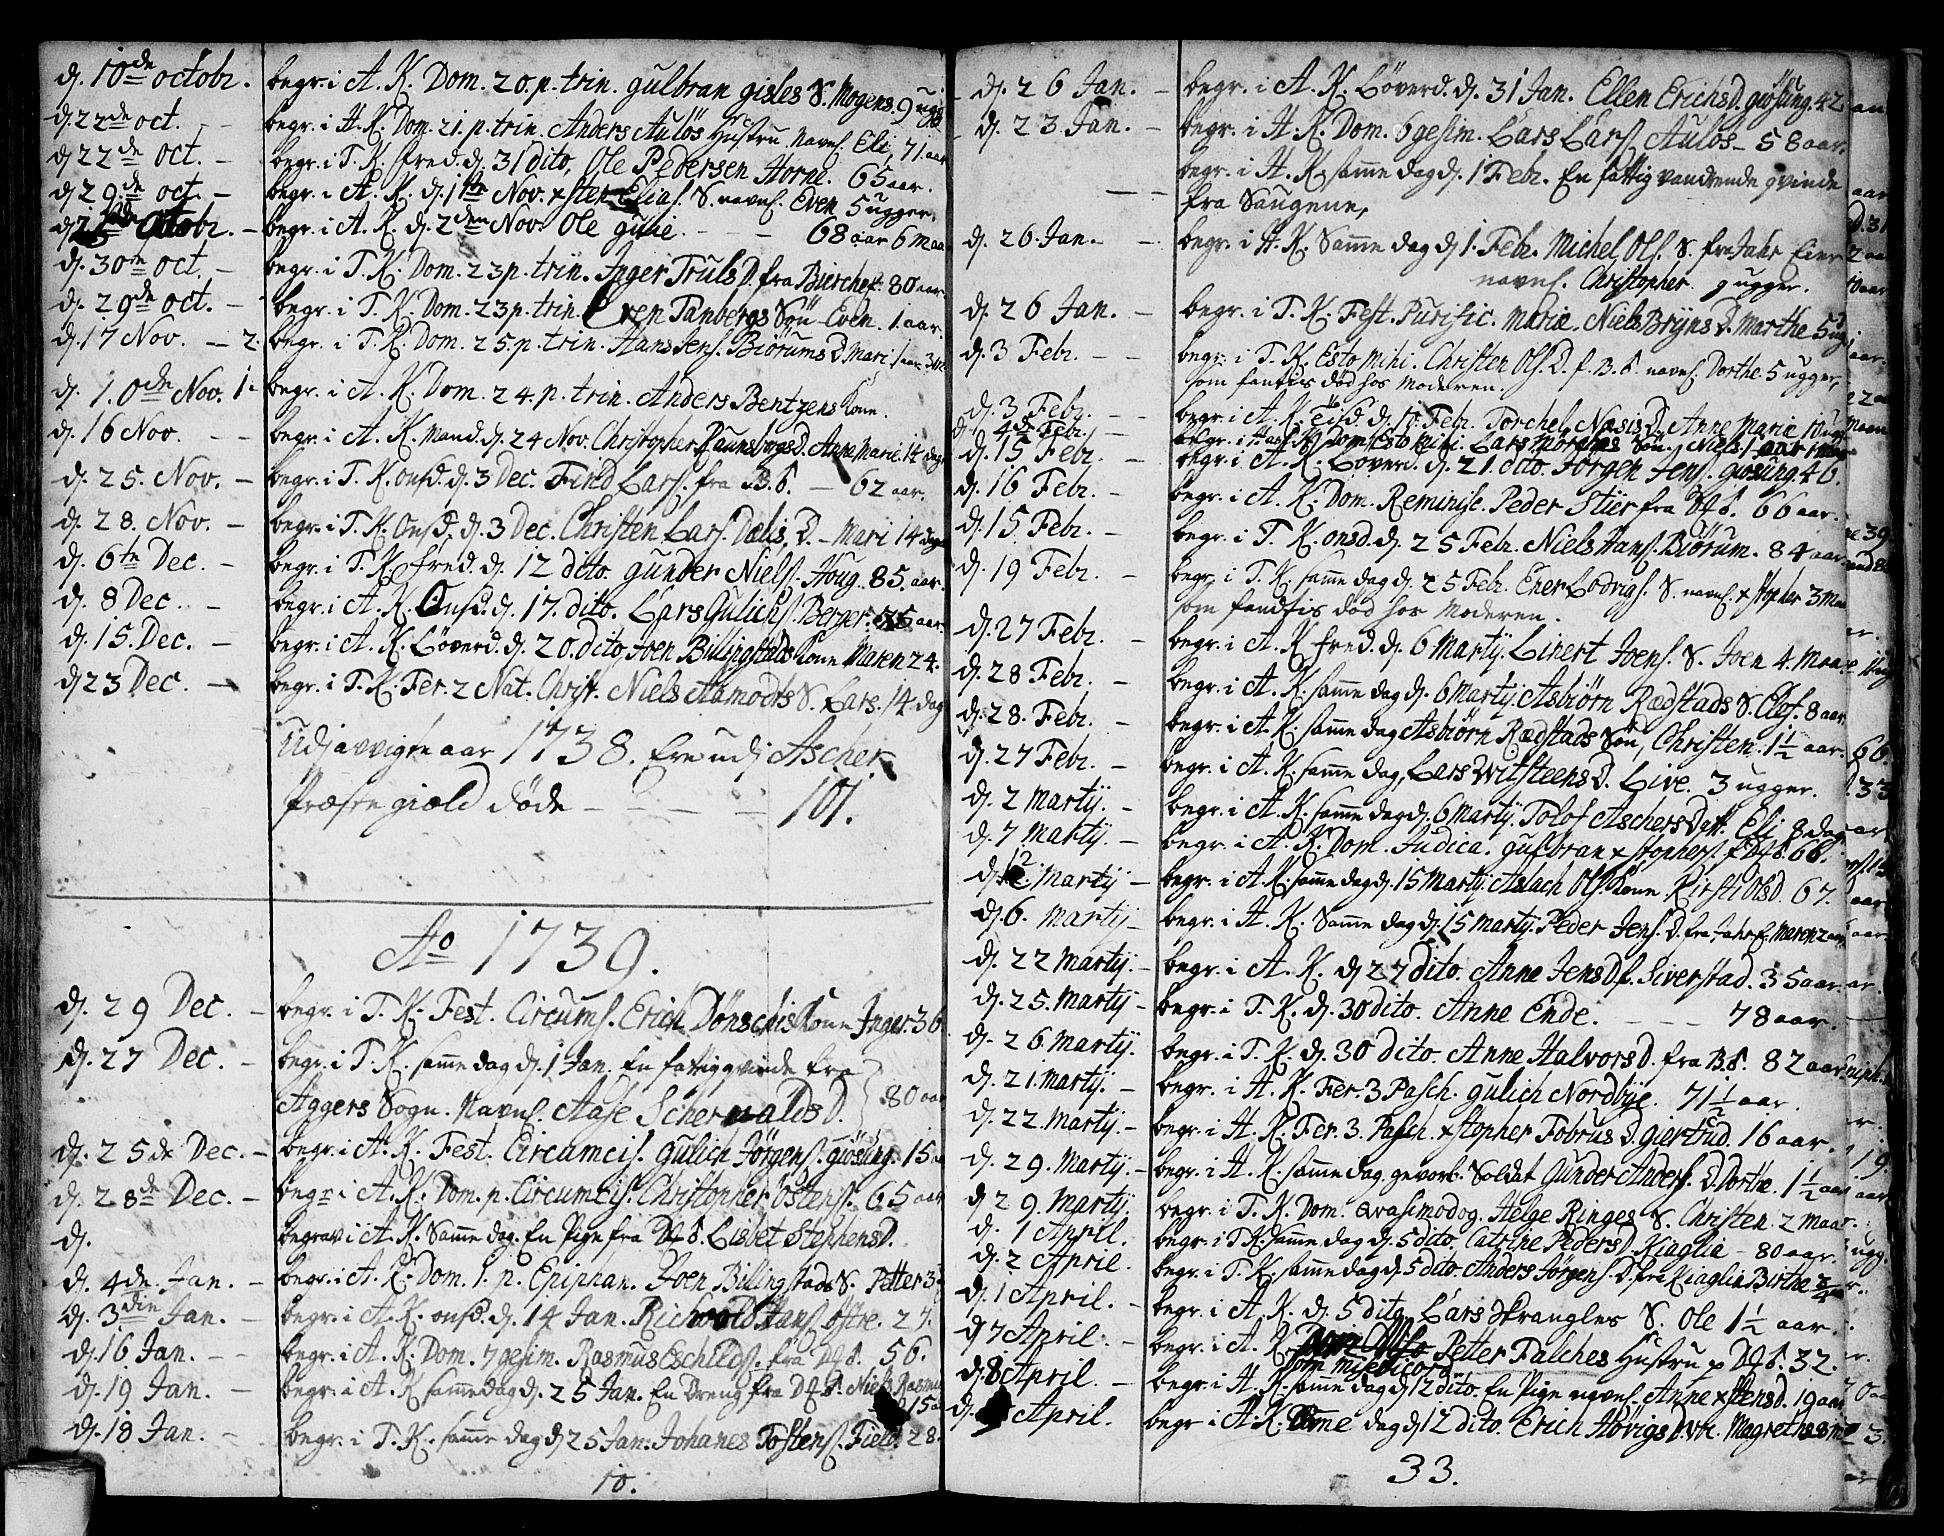 SAO, Asker prestekontor Kirkebøker, F/Fa/L0001: Ministerialbok nr. I 1, 1726-1744, s. 103